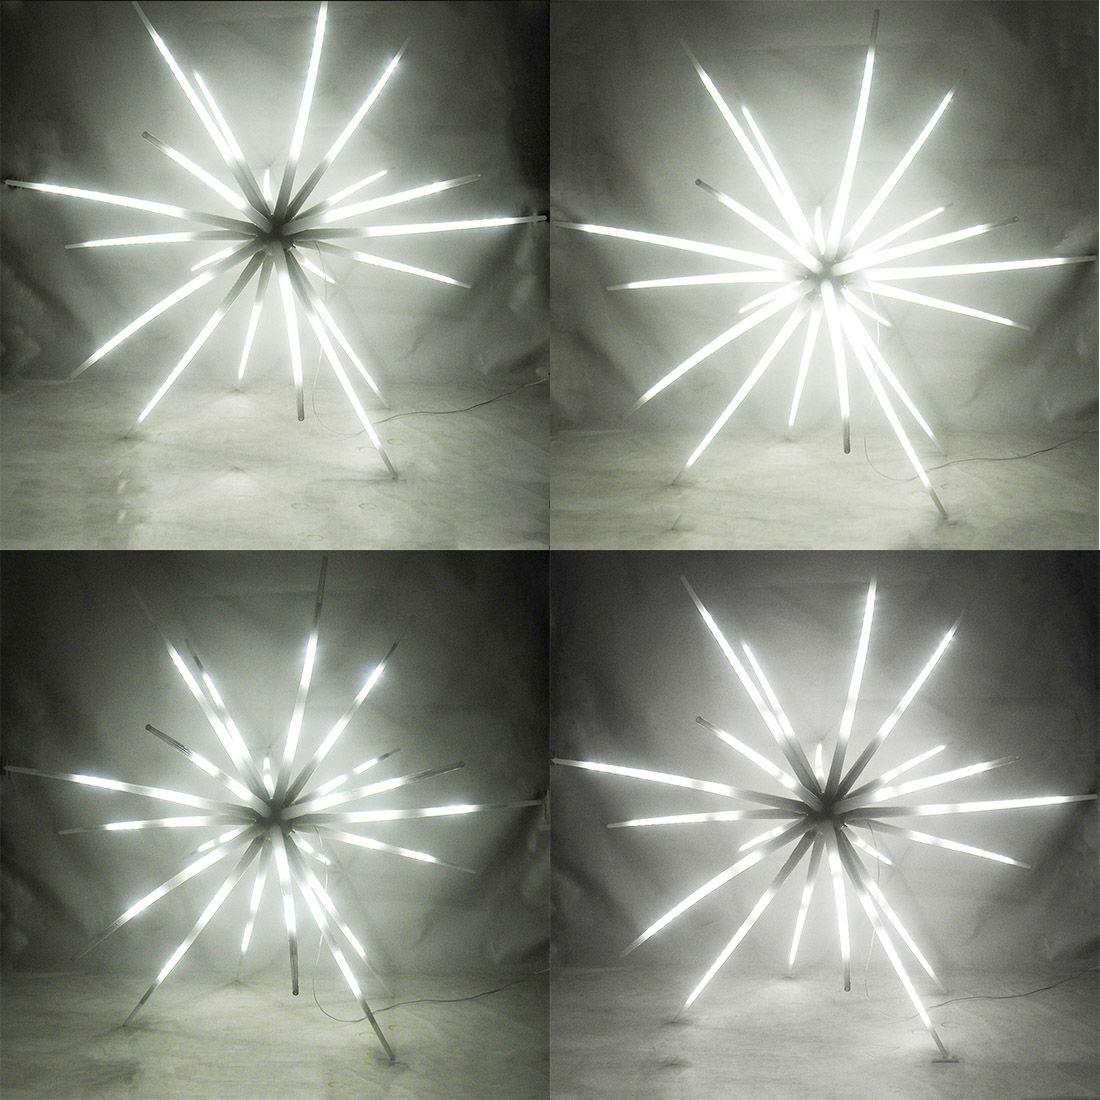 Sputnik Estrela 400 Leds Luz Ourico Natal Festa Dj Eventos Aniversarios Bivolt